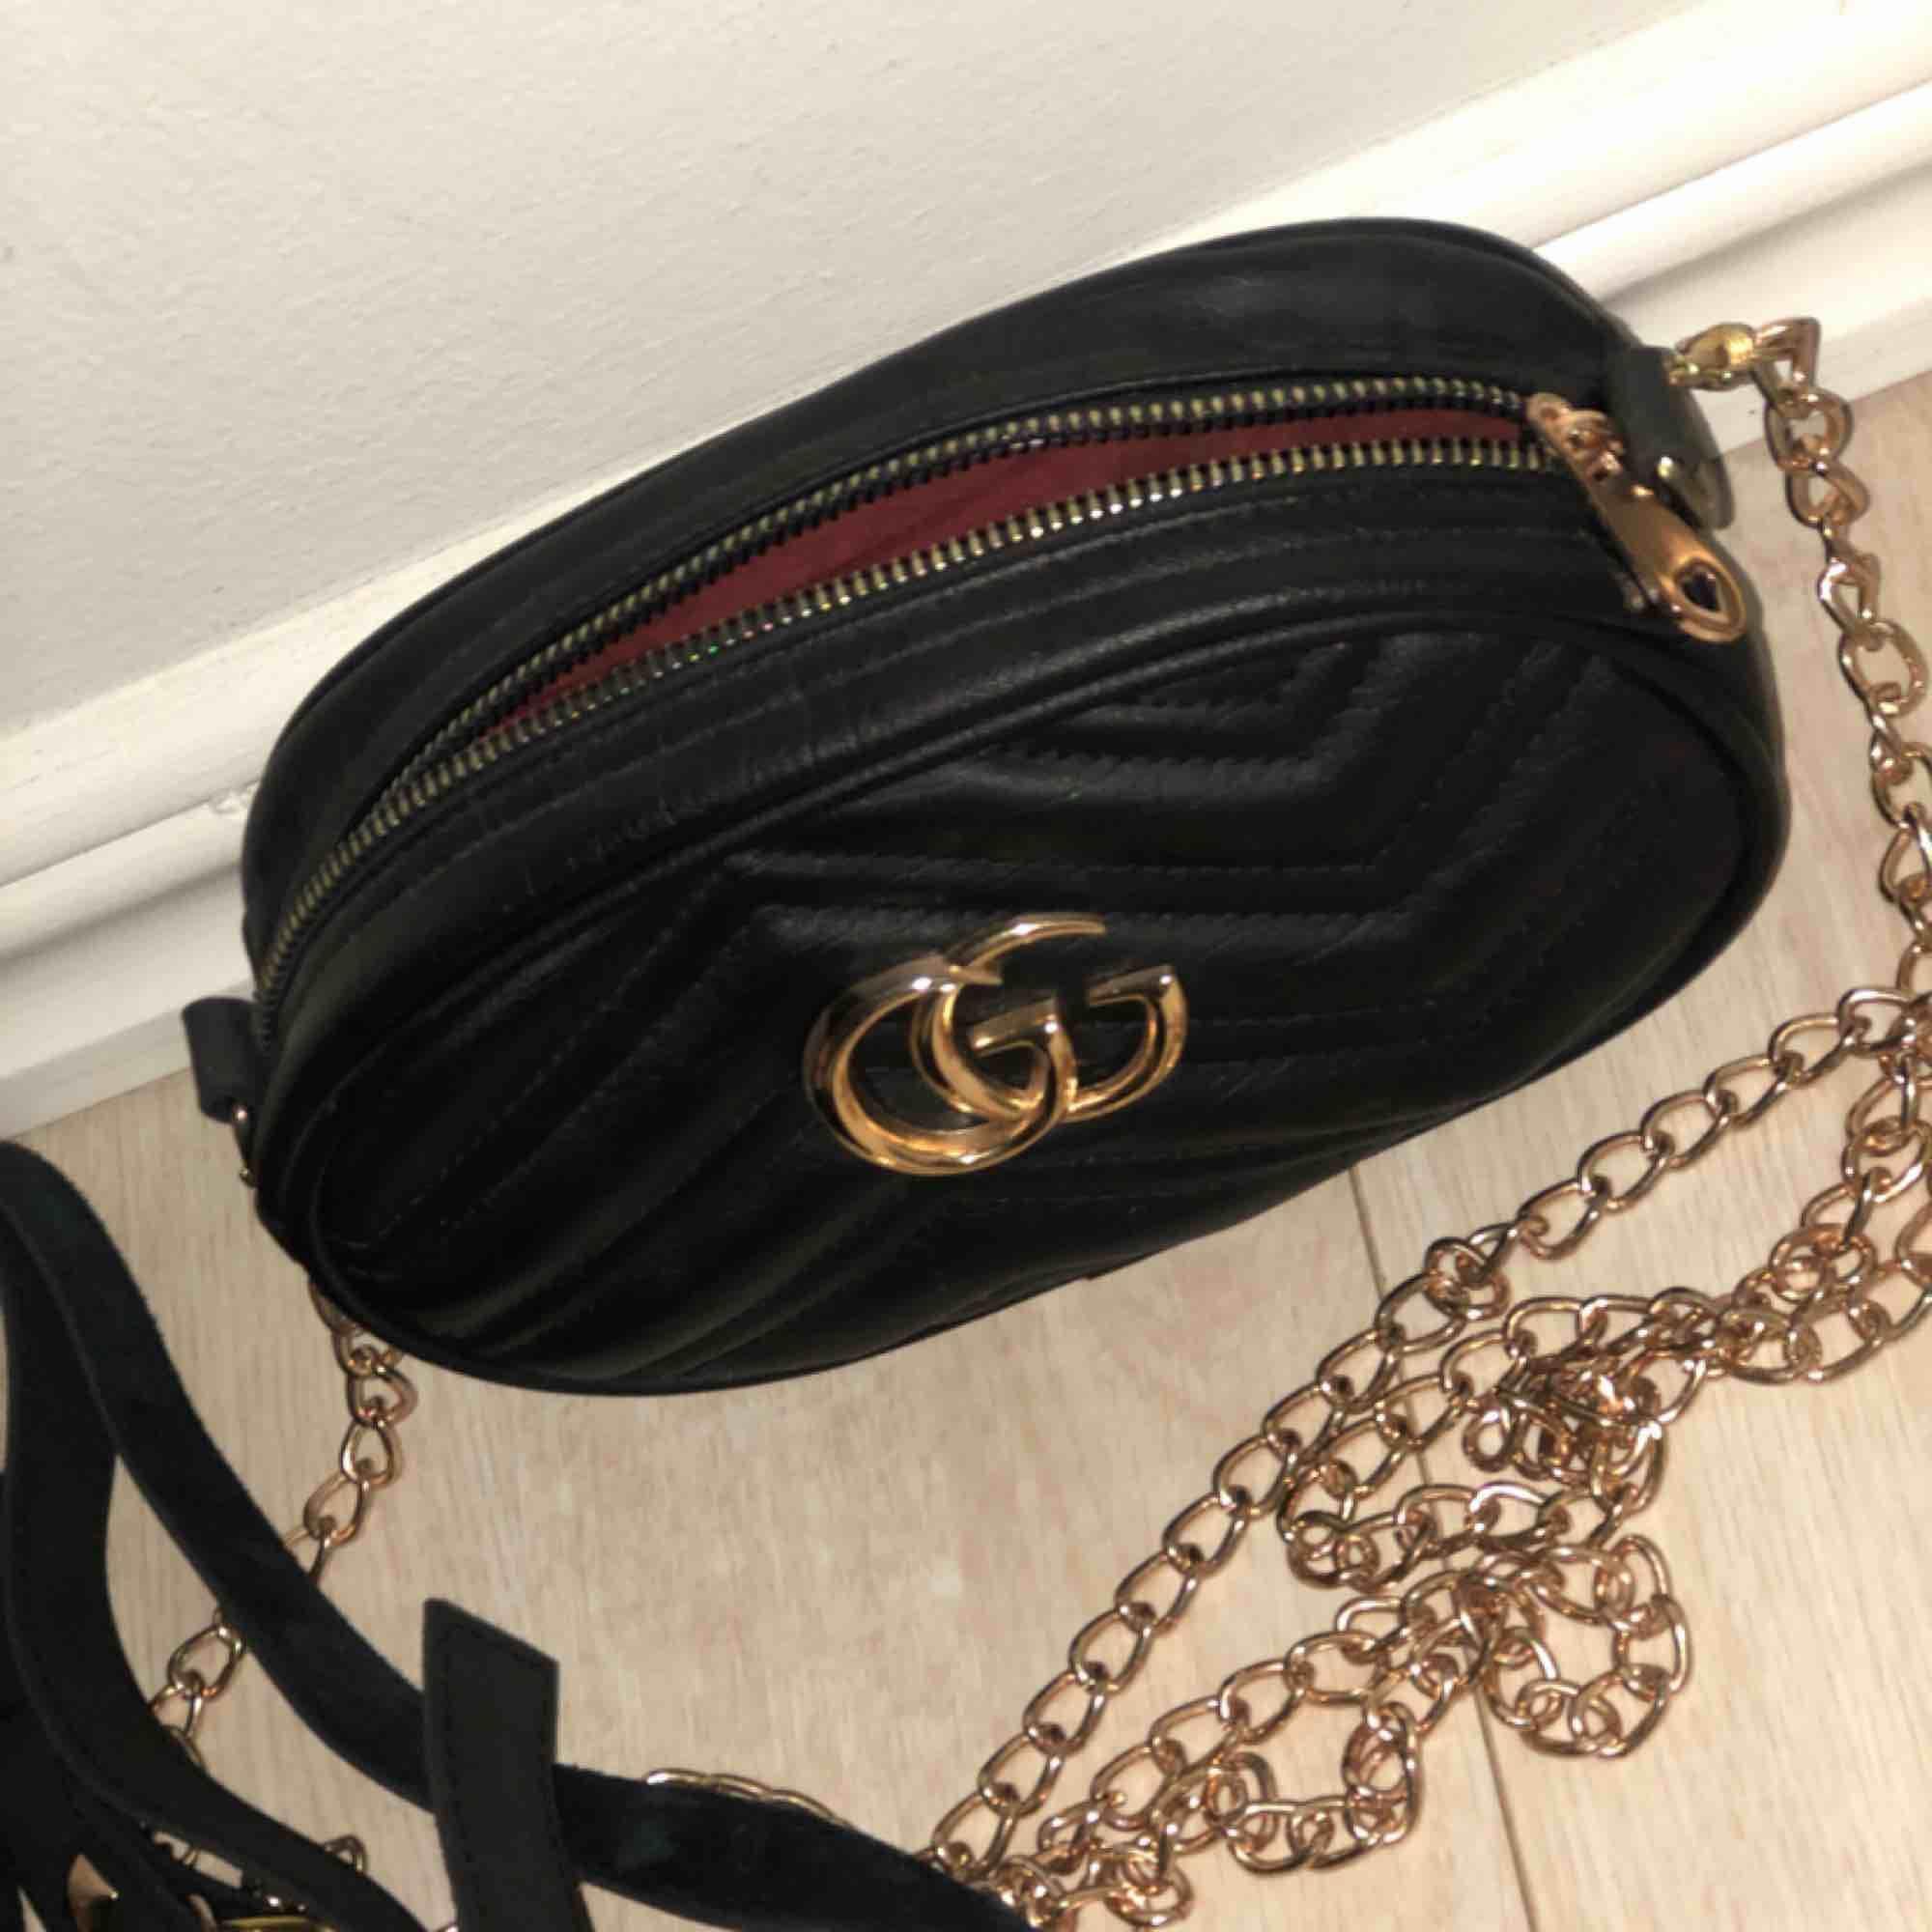 Säljer fake Gucci väska, fint skick! Säljs pga inge användning, detta är både en axelremsväska o en midja väska. Väskor.